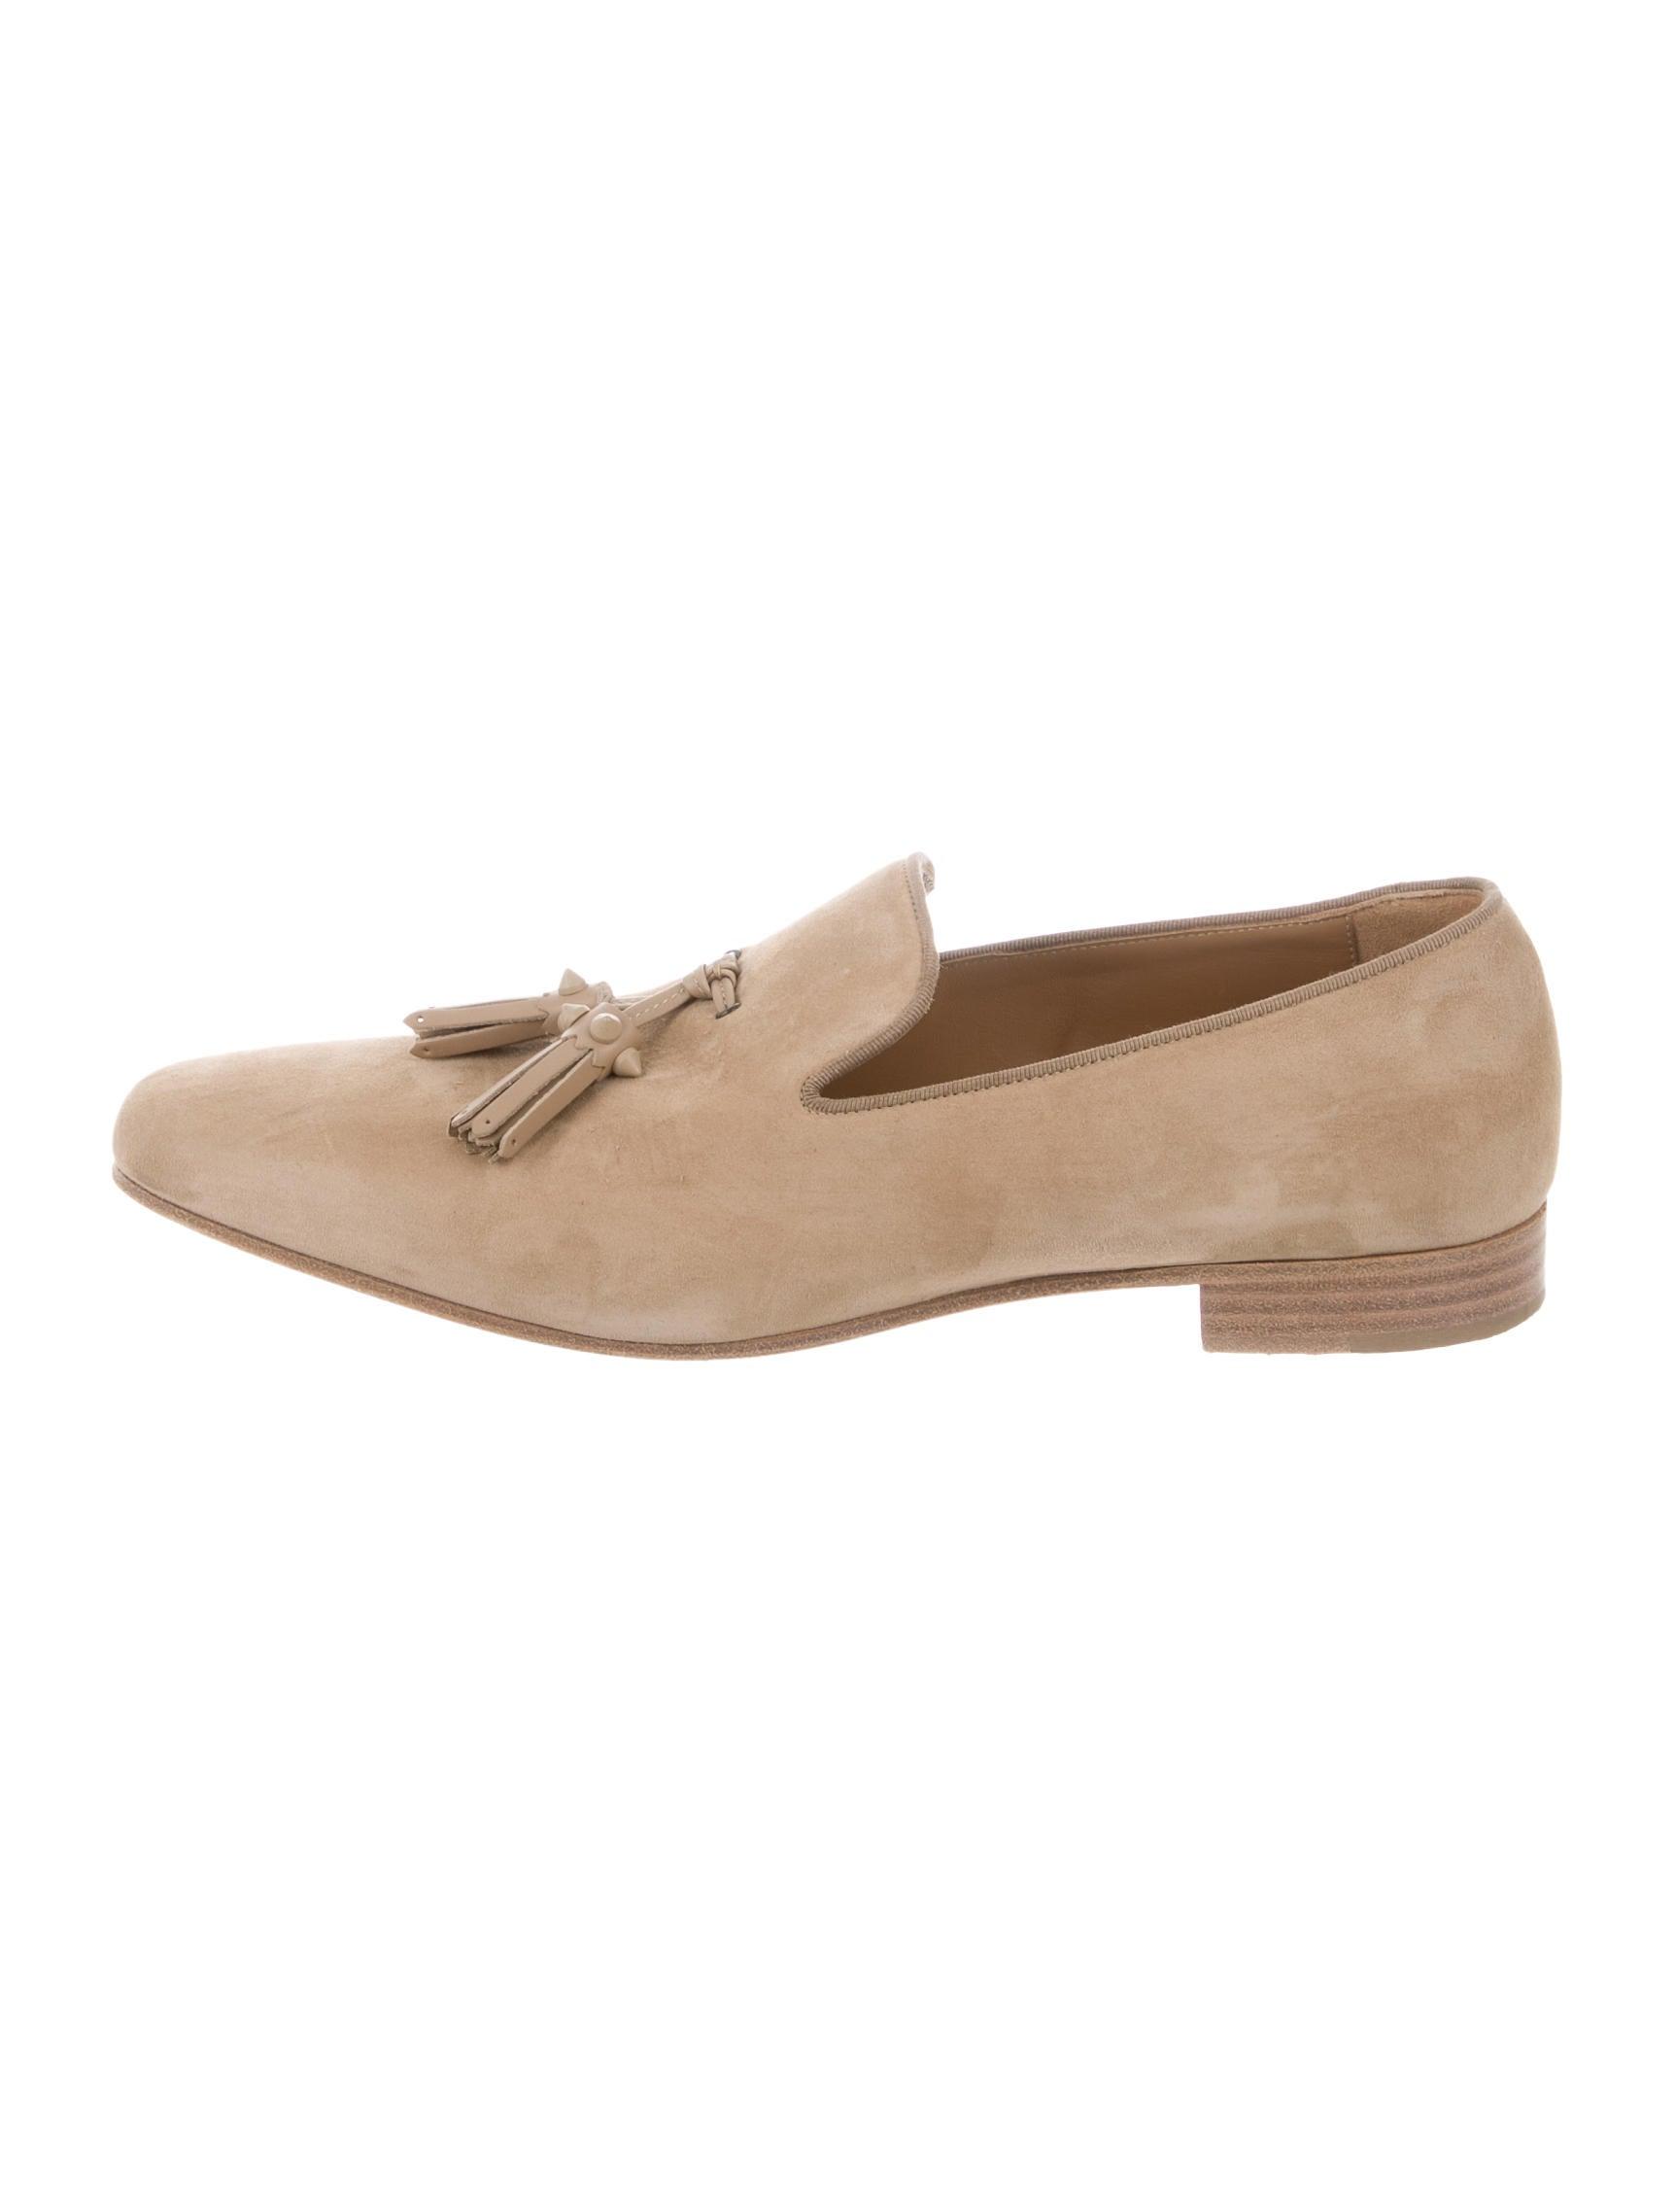 hot sale online 663b5 ce2b3 Christian Louboutin Dandelion Tassel Flat Loafers - Shoes ...